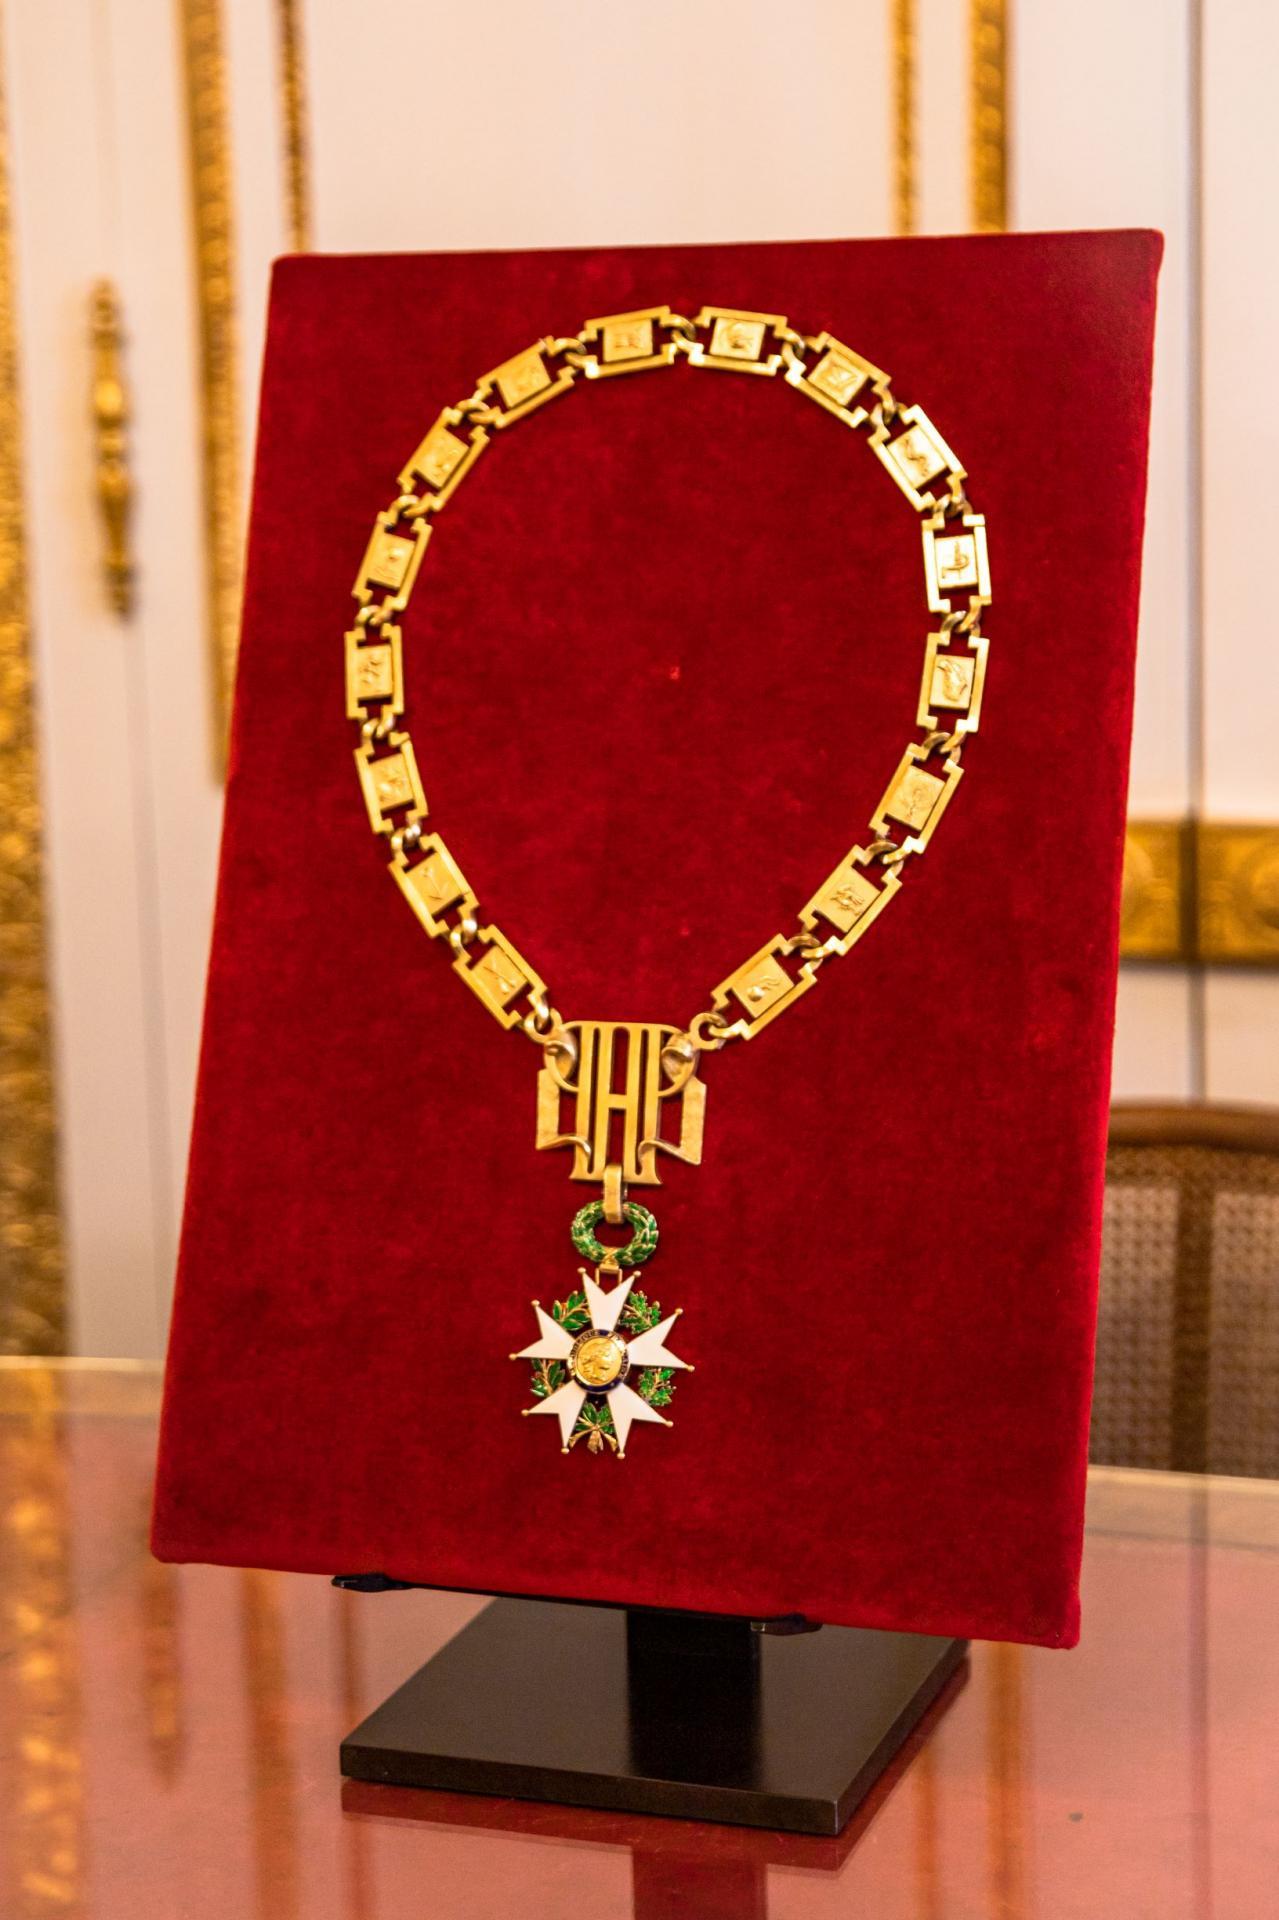 Le Président de la République est nommé grand maître de la Légion d'honneur.